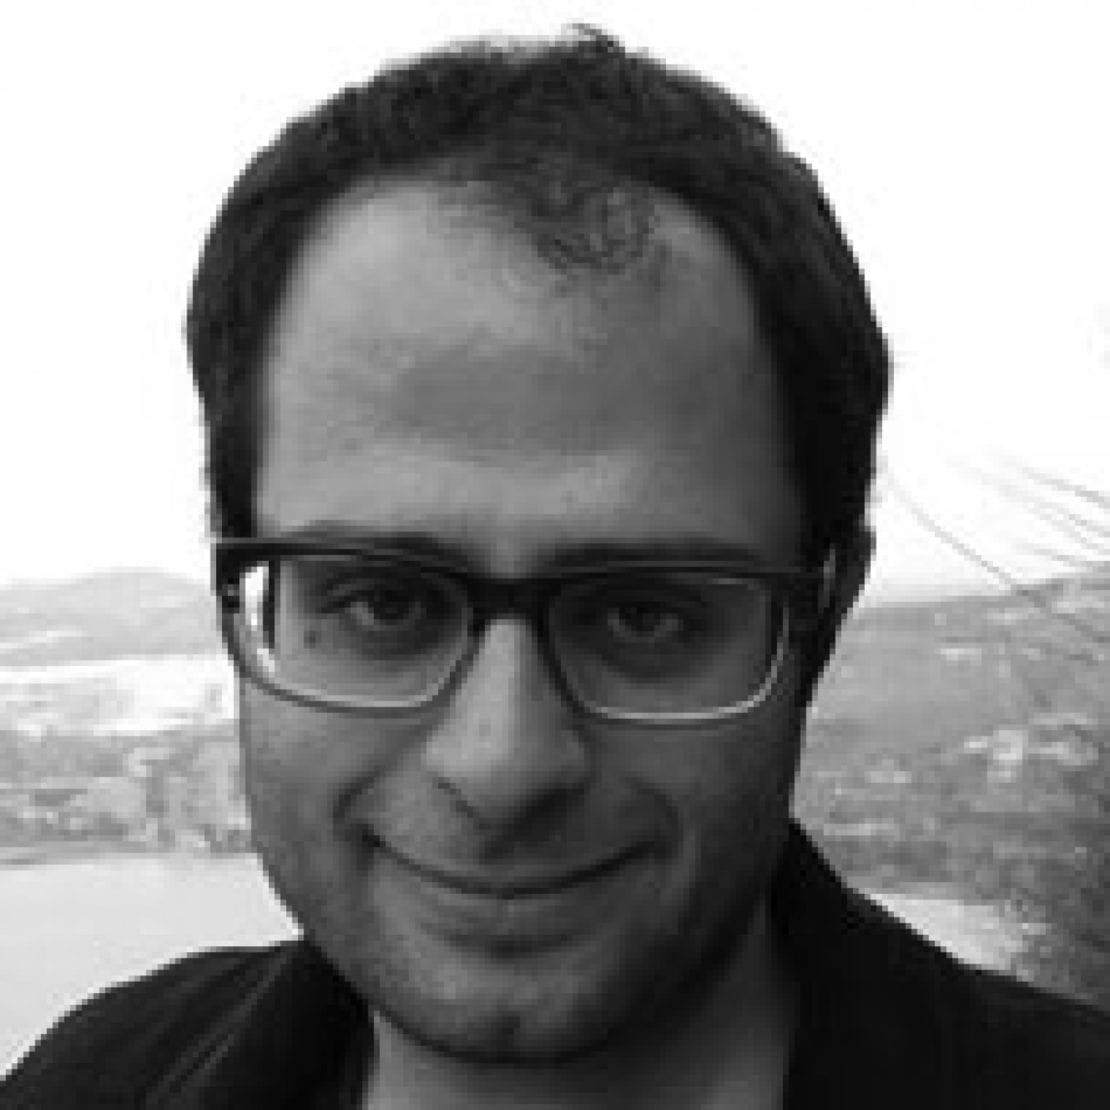 مازن عزي - كاتب وصحافي سوري